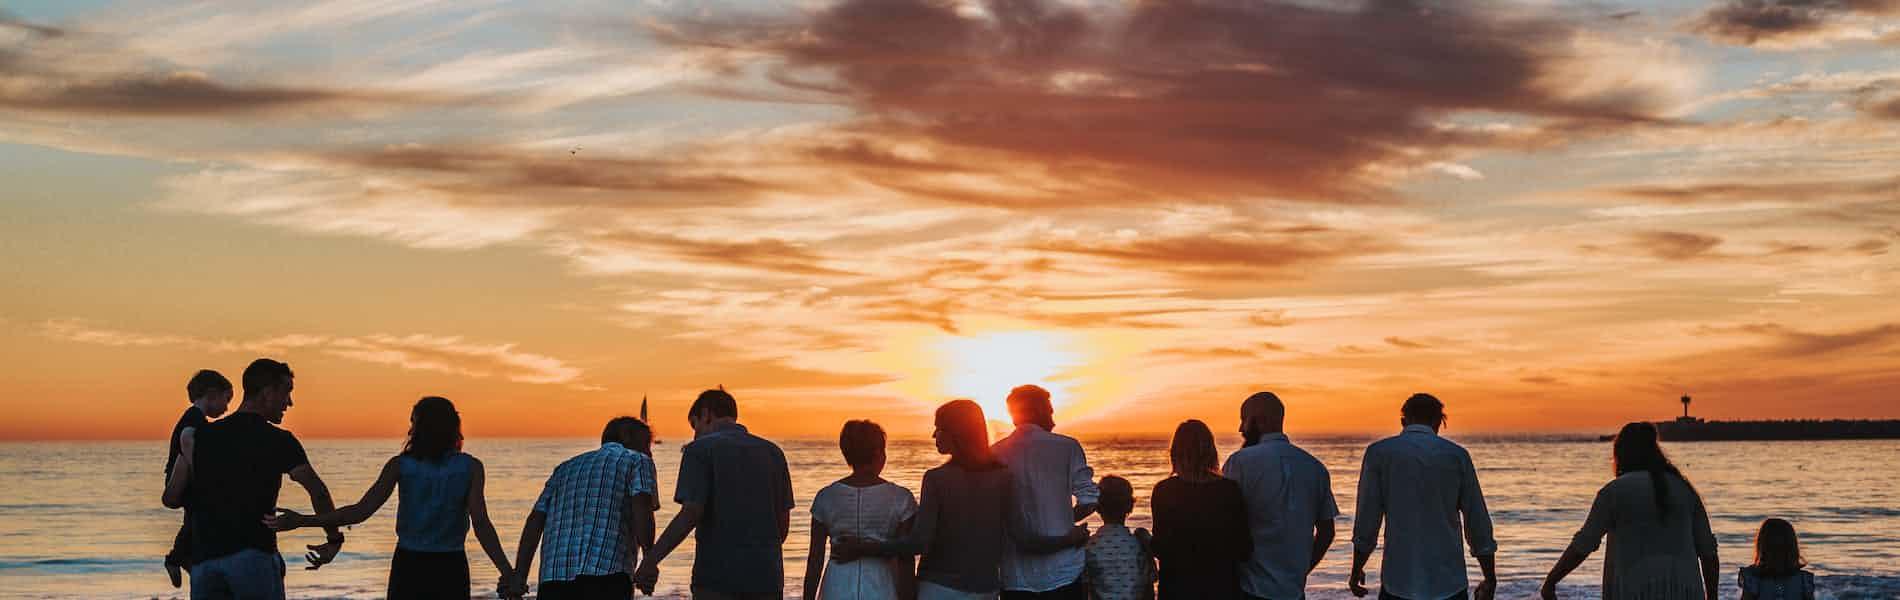 הקשר הייחודי בין צוותים חינוכיים למשפחות מיוחדות - משפחות לילדים עם צרכים מיוחדים